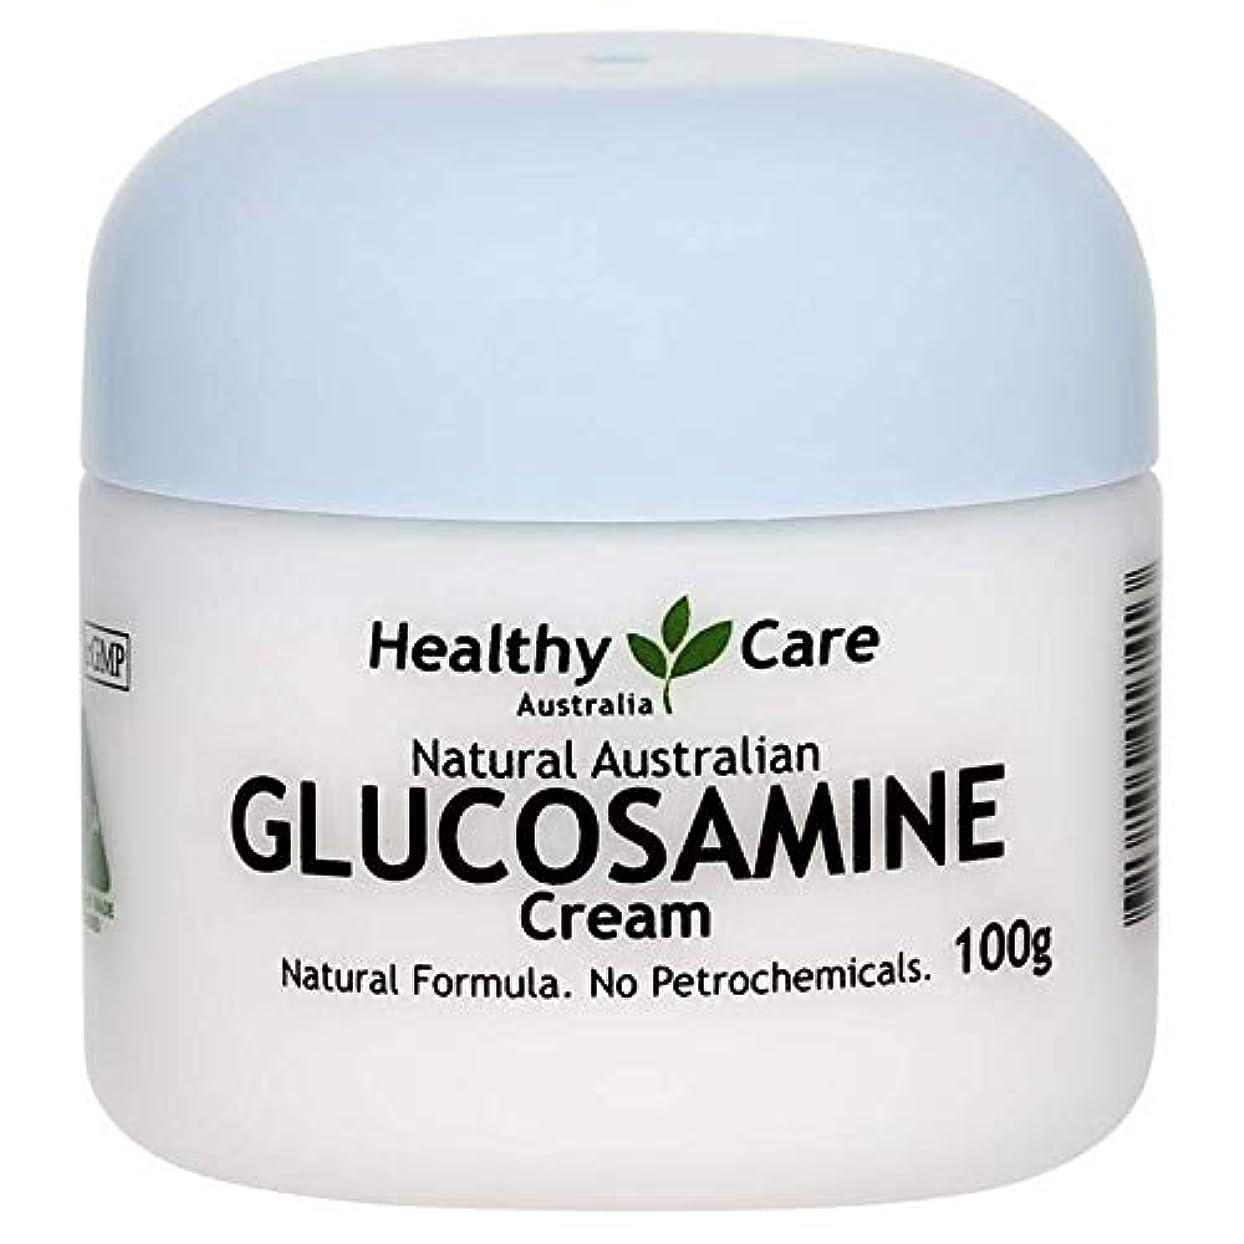 投げる願う博物館[Healthy Care] グルコサミンクリーム お肌に潤い しなやかさを (GLUCOSAMINE CREAM) 100g 【海外直送品】